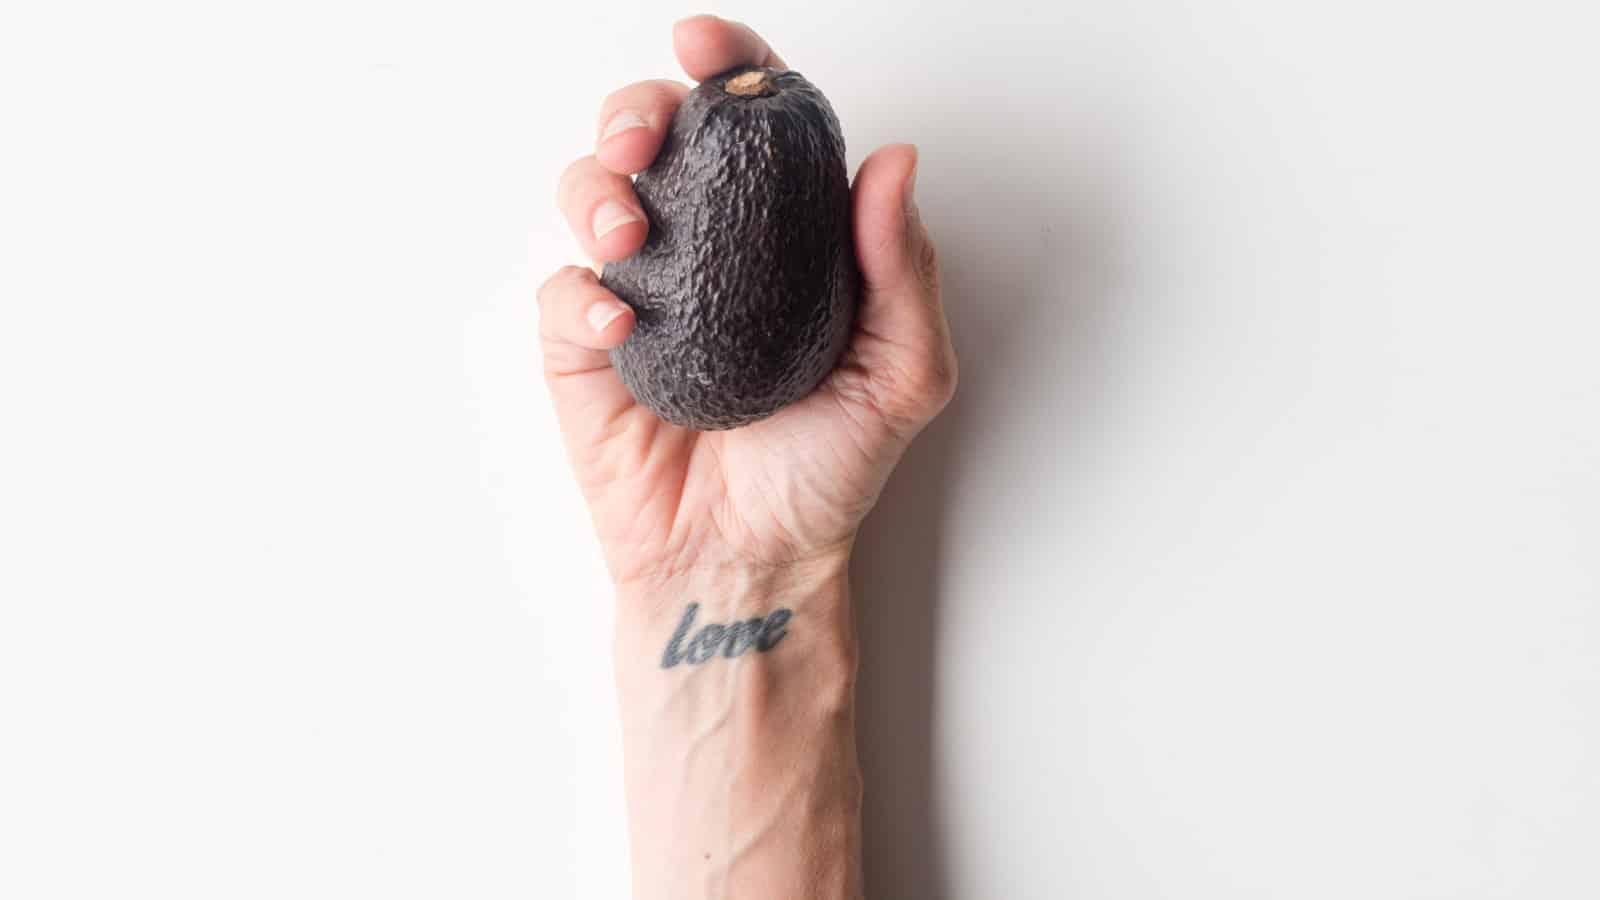 Tattoo am Handgelenk- Die Kosten, tolle Motive & mögliche Gefahren